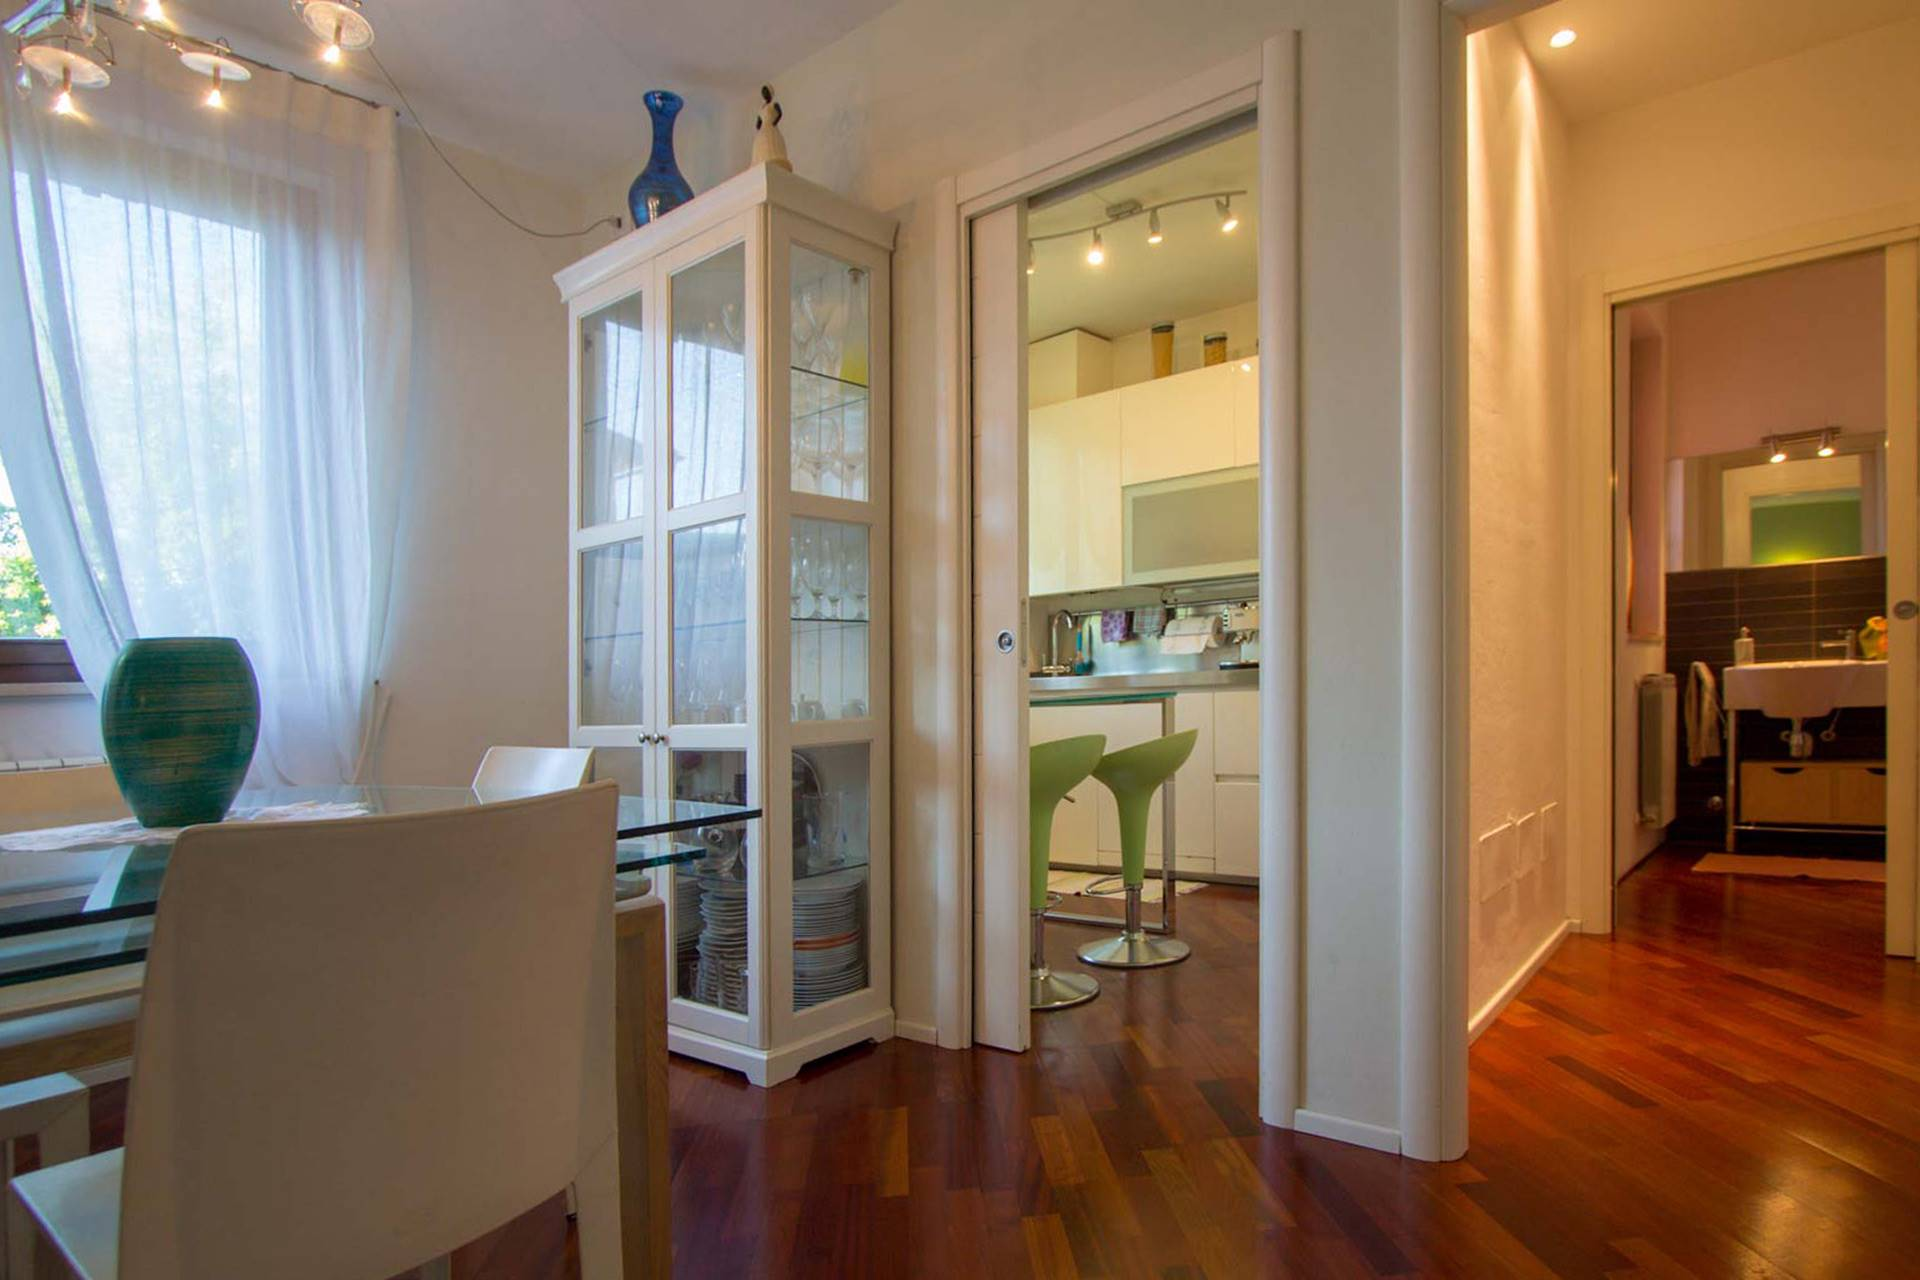 ESCLUSIVA! Appartamento terratetto di testa in villetta a schiera con ingresso esclusivo, terrazzo, giardino ed ampio garage. Costruzione ultimata